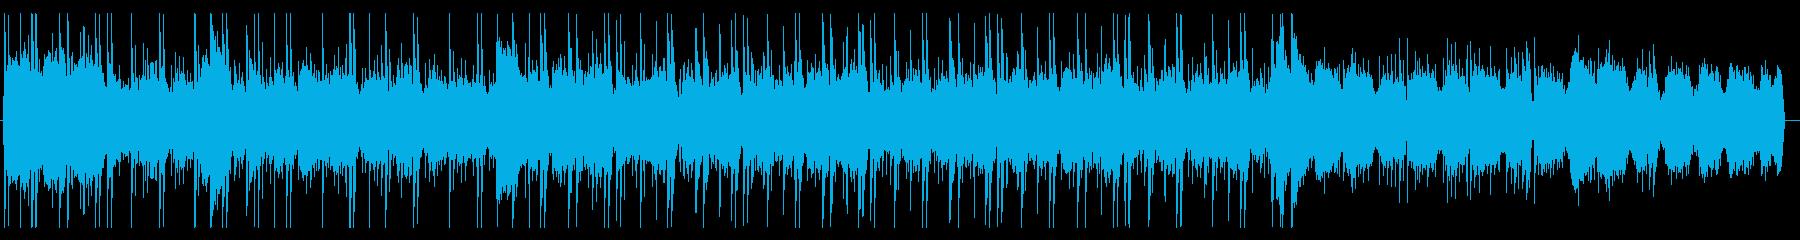 おしゃれでゆったりしたチルホップ調BGMの再生済みの波形